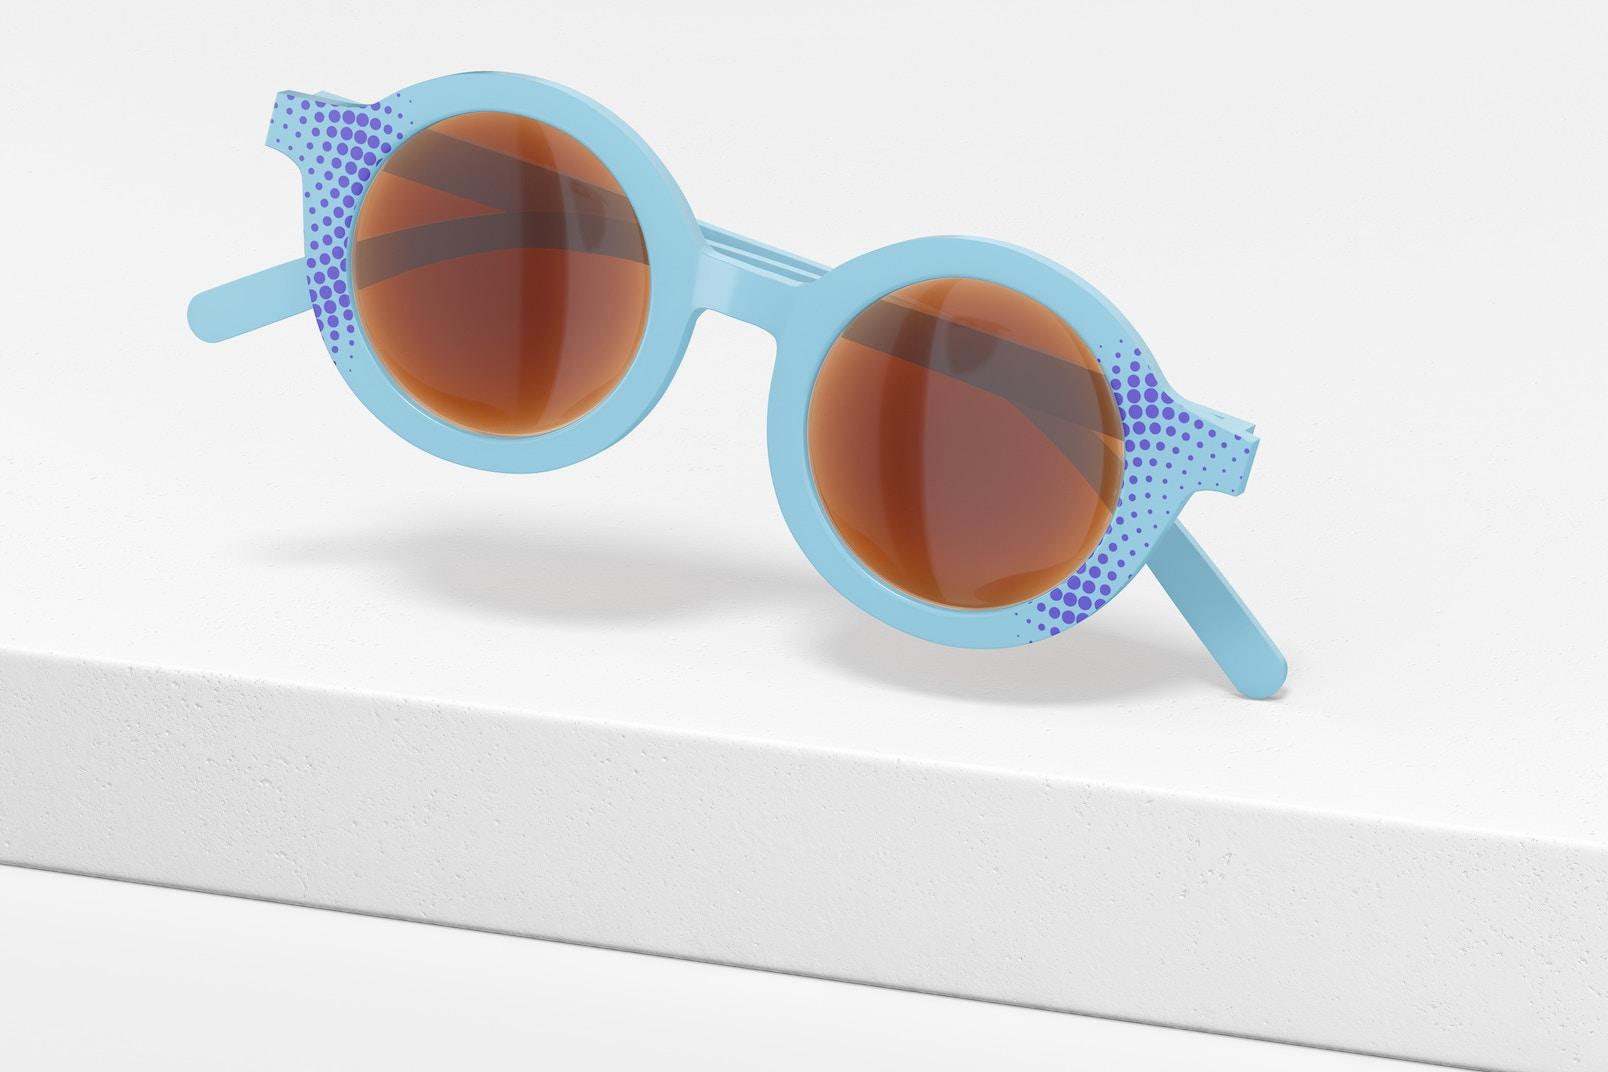 Kids Sunglasses Mockup, Falling